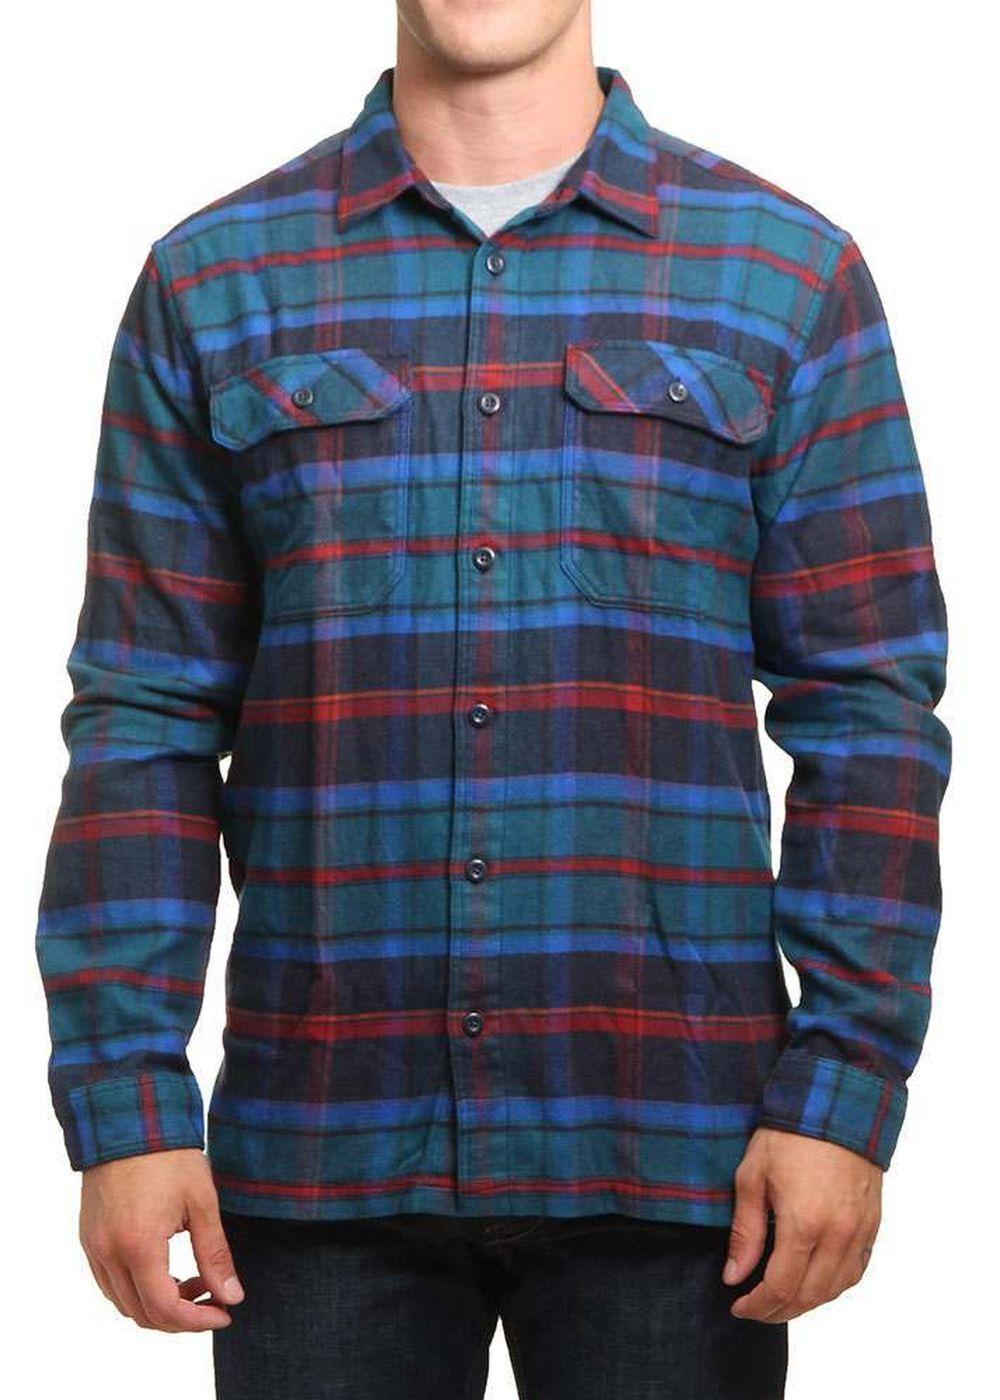 patagonia-fjord-flannel-shirt-big-sur-blue